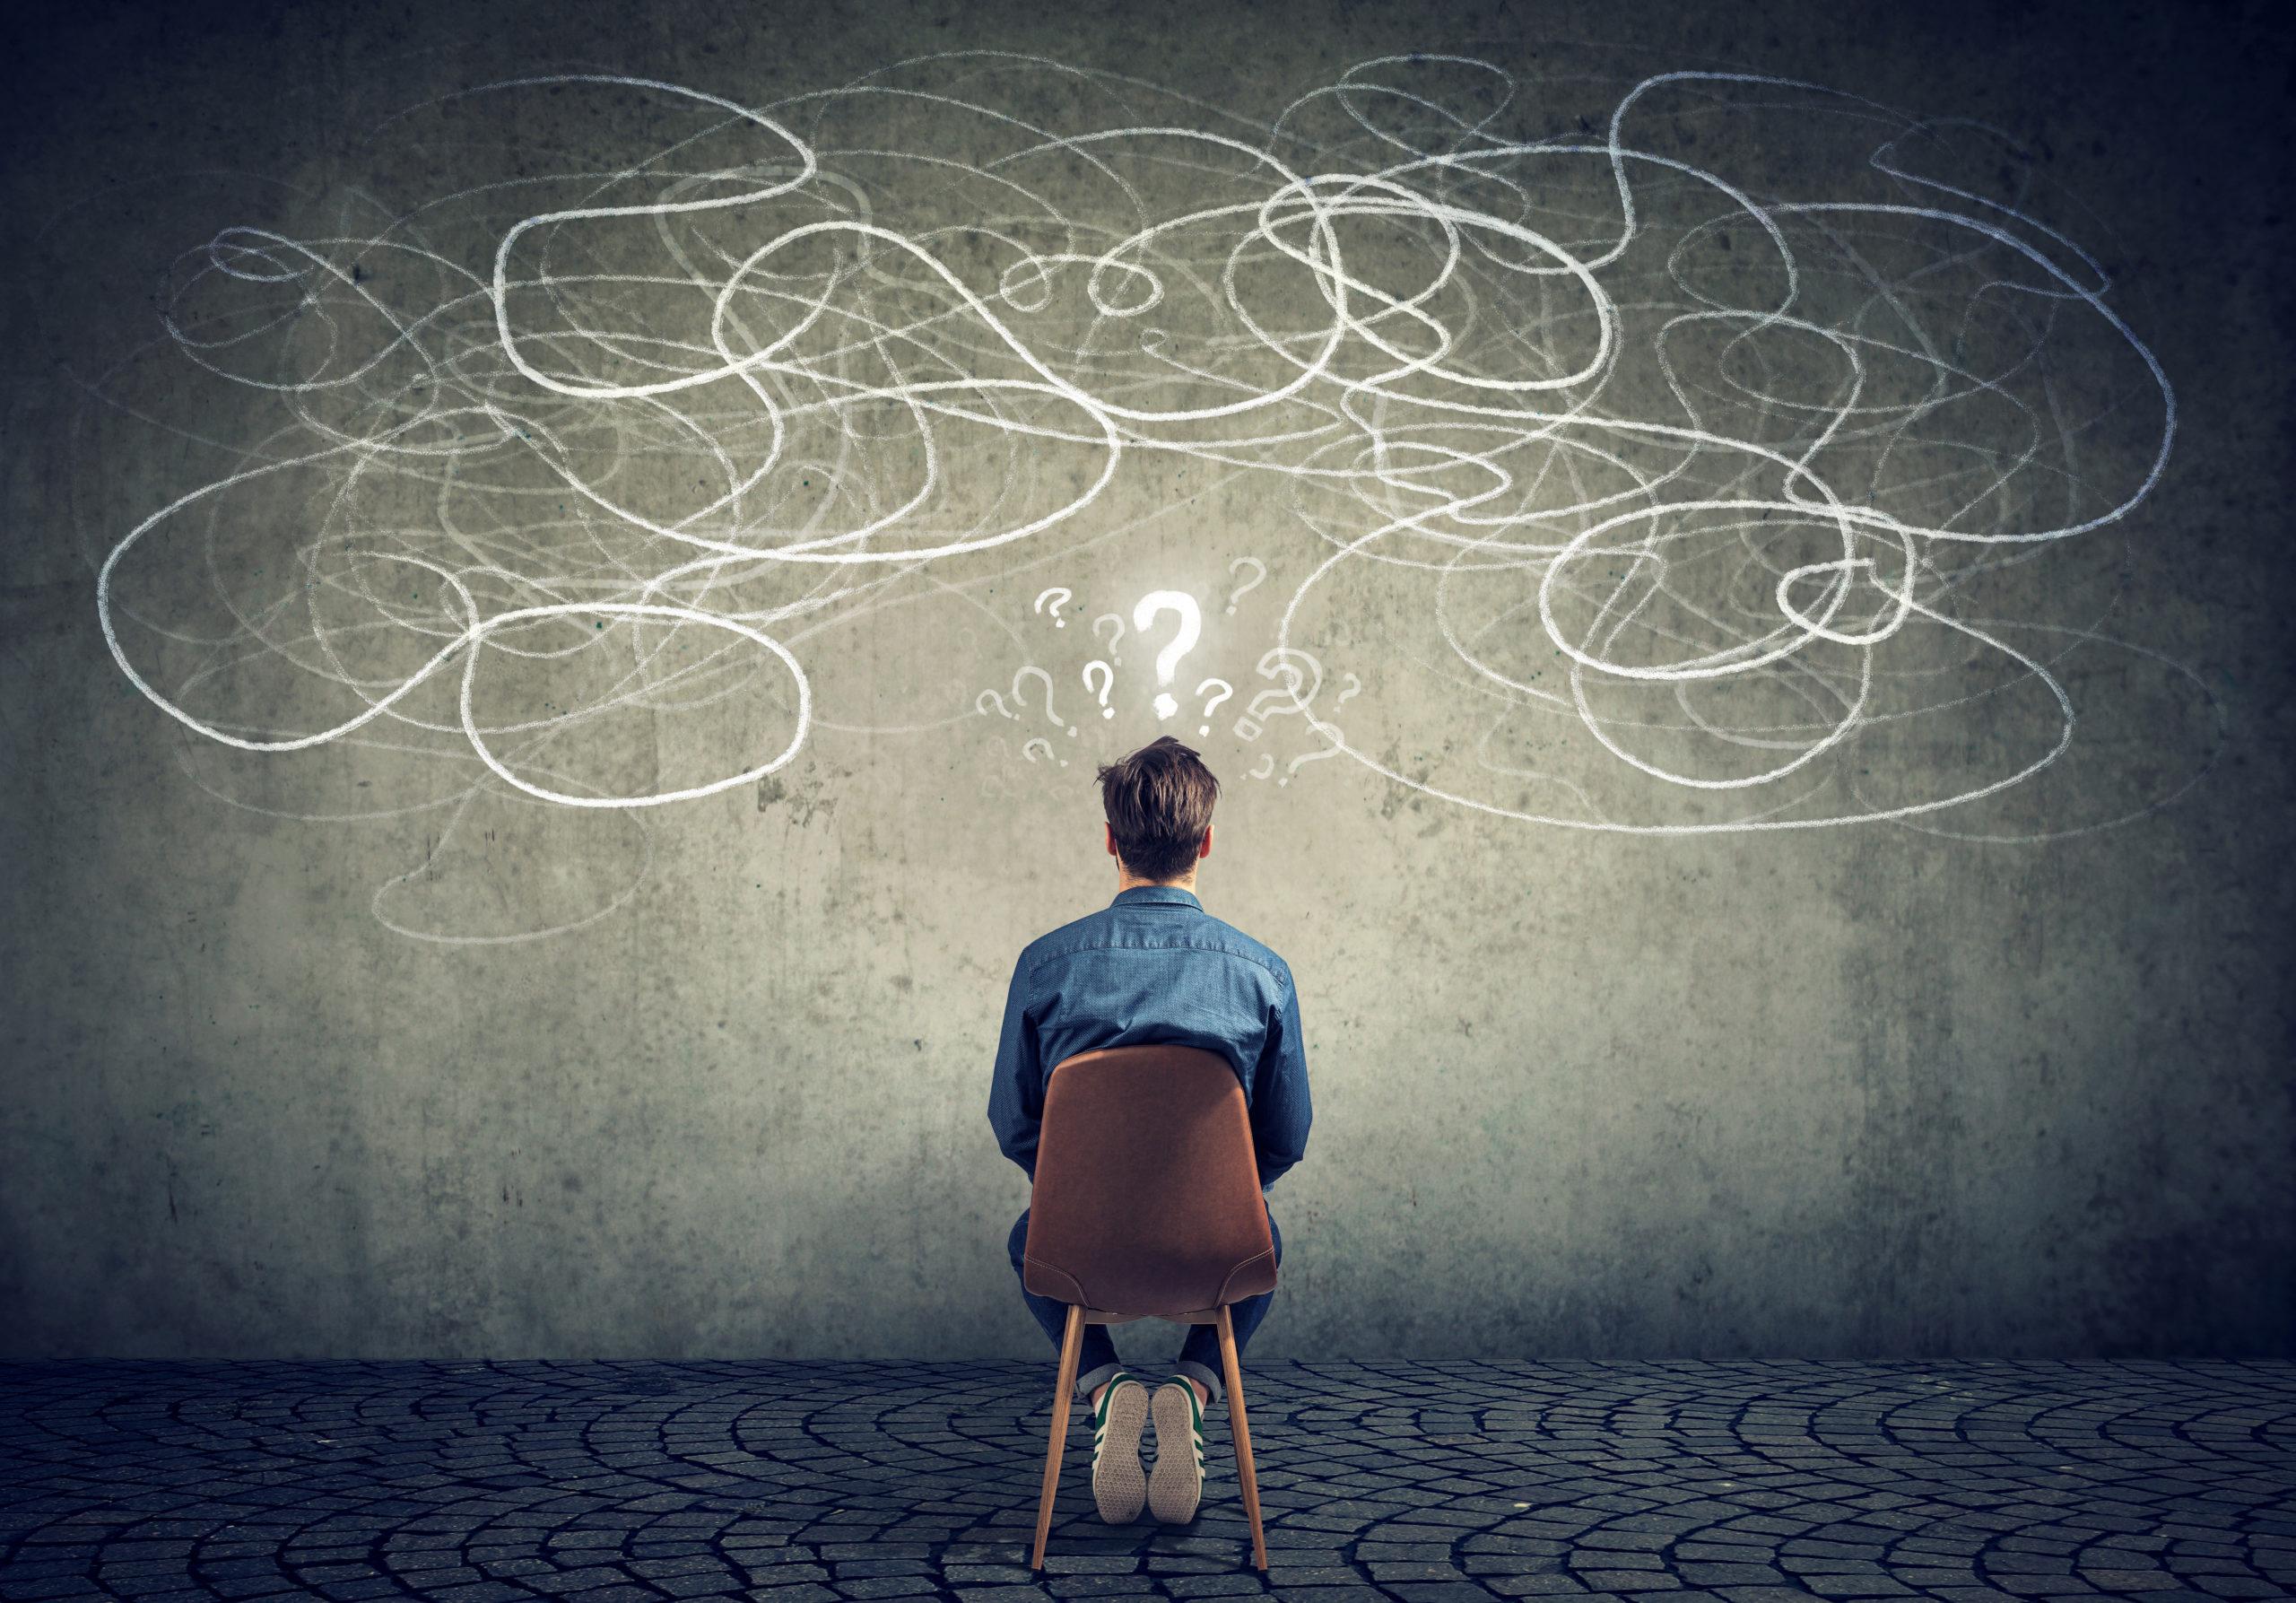 Homme d'affaire assis, confus face à un gribouillage sur un mur. Cela représente ses défis au quotidien.